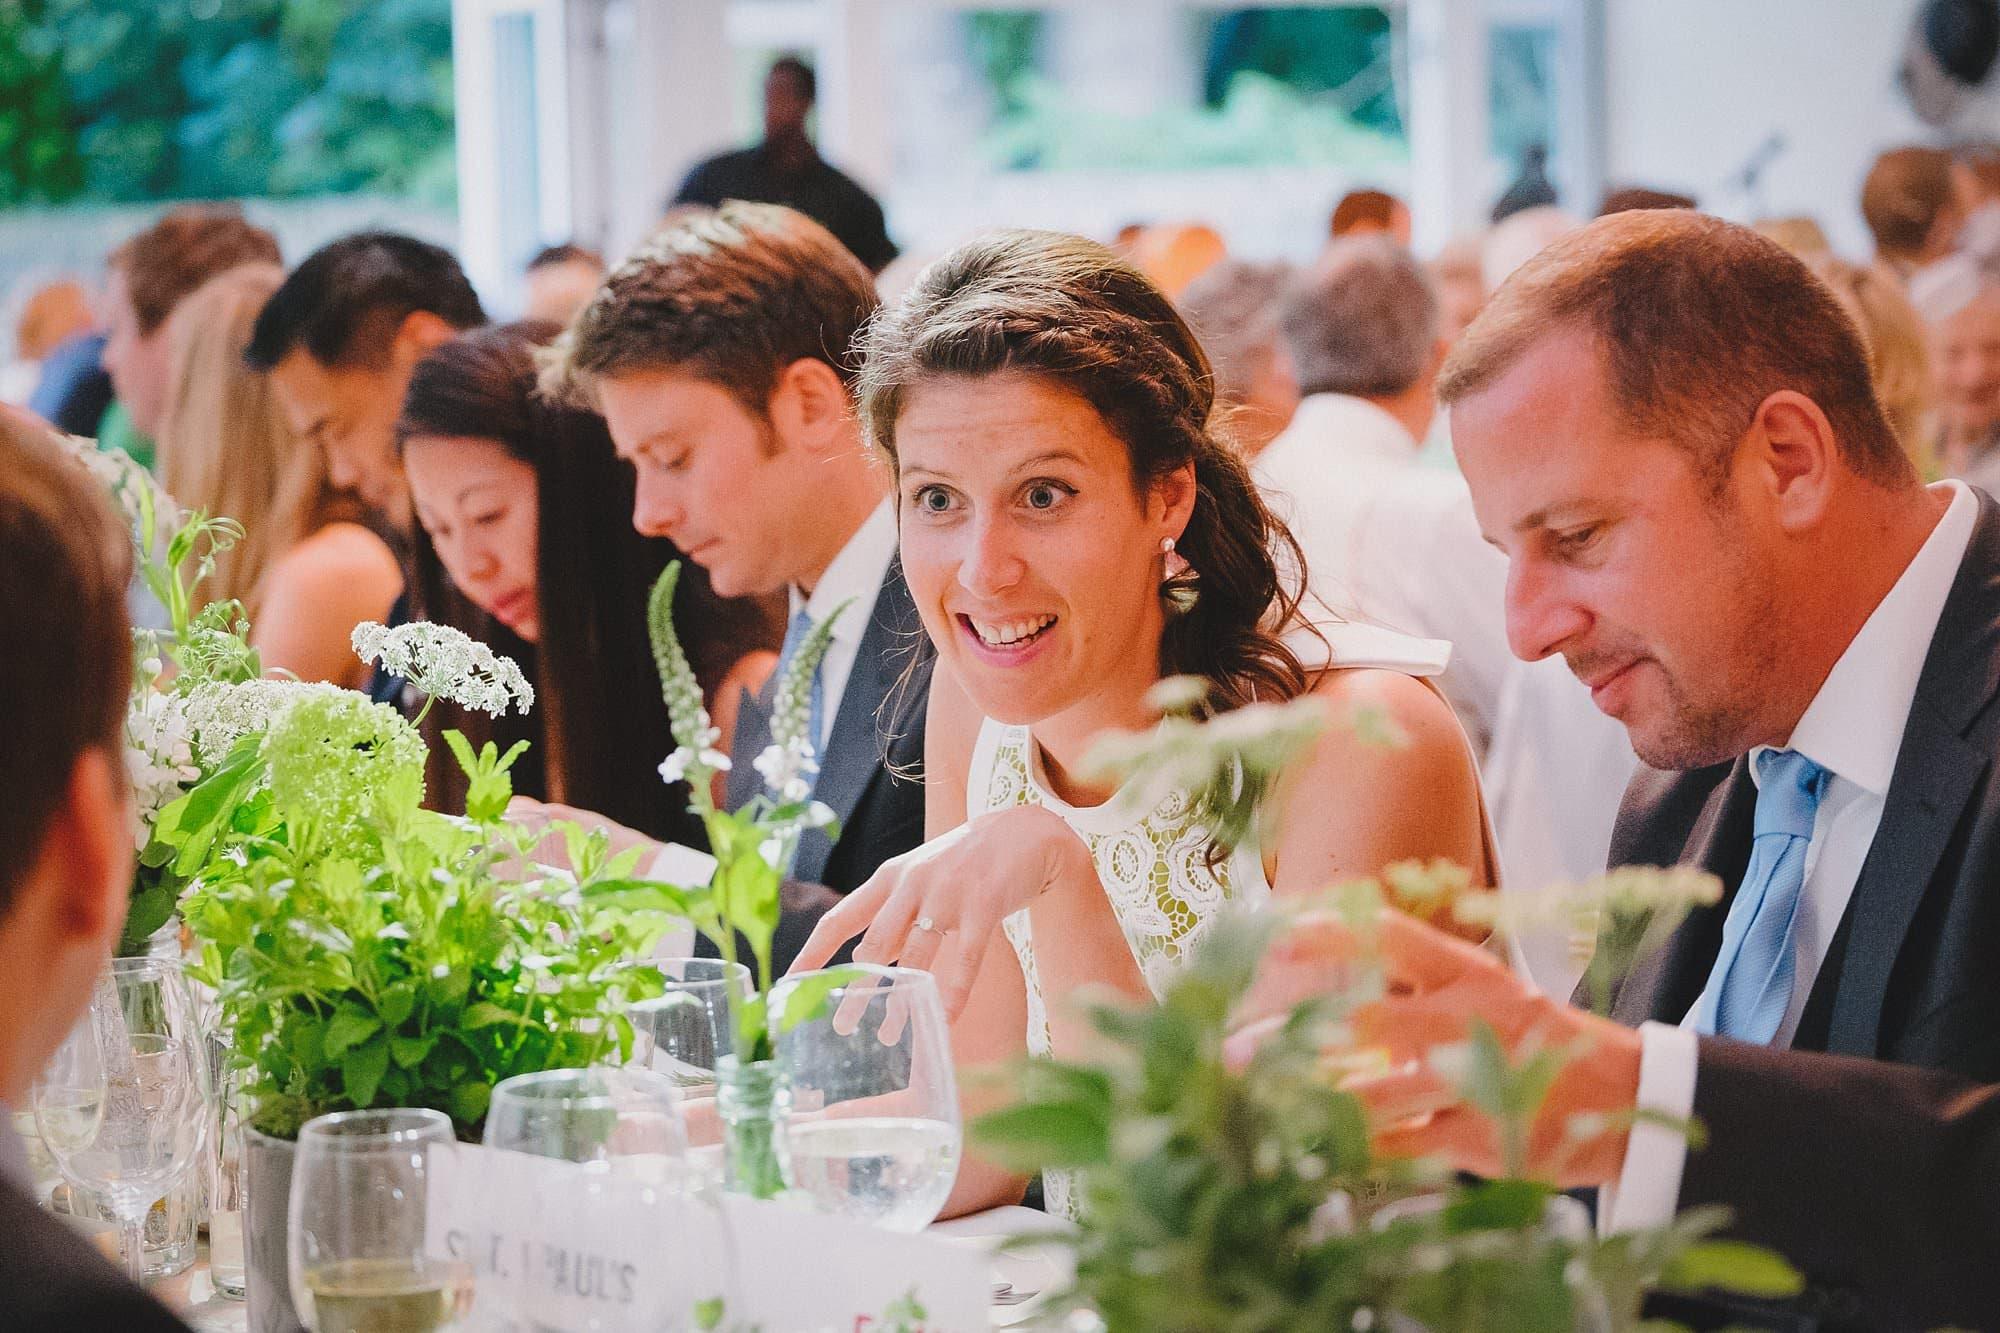 fulham palace wedding photographer 066 - Rosanna + Duncan | Fulham